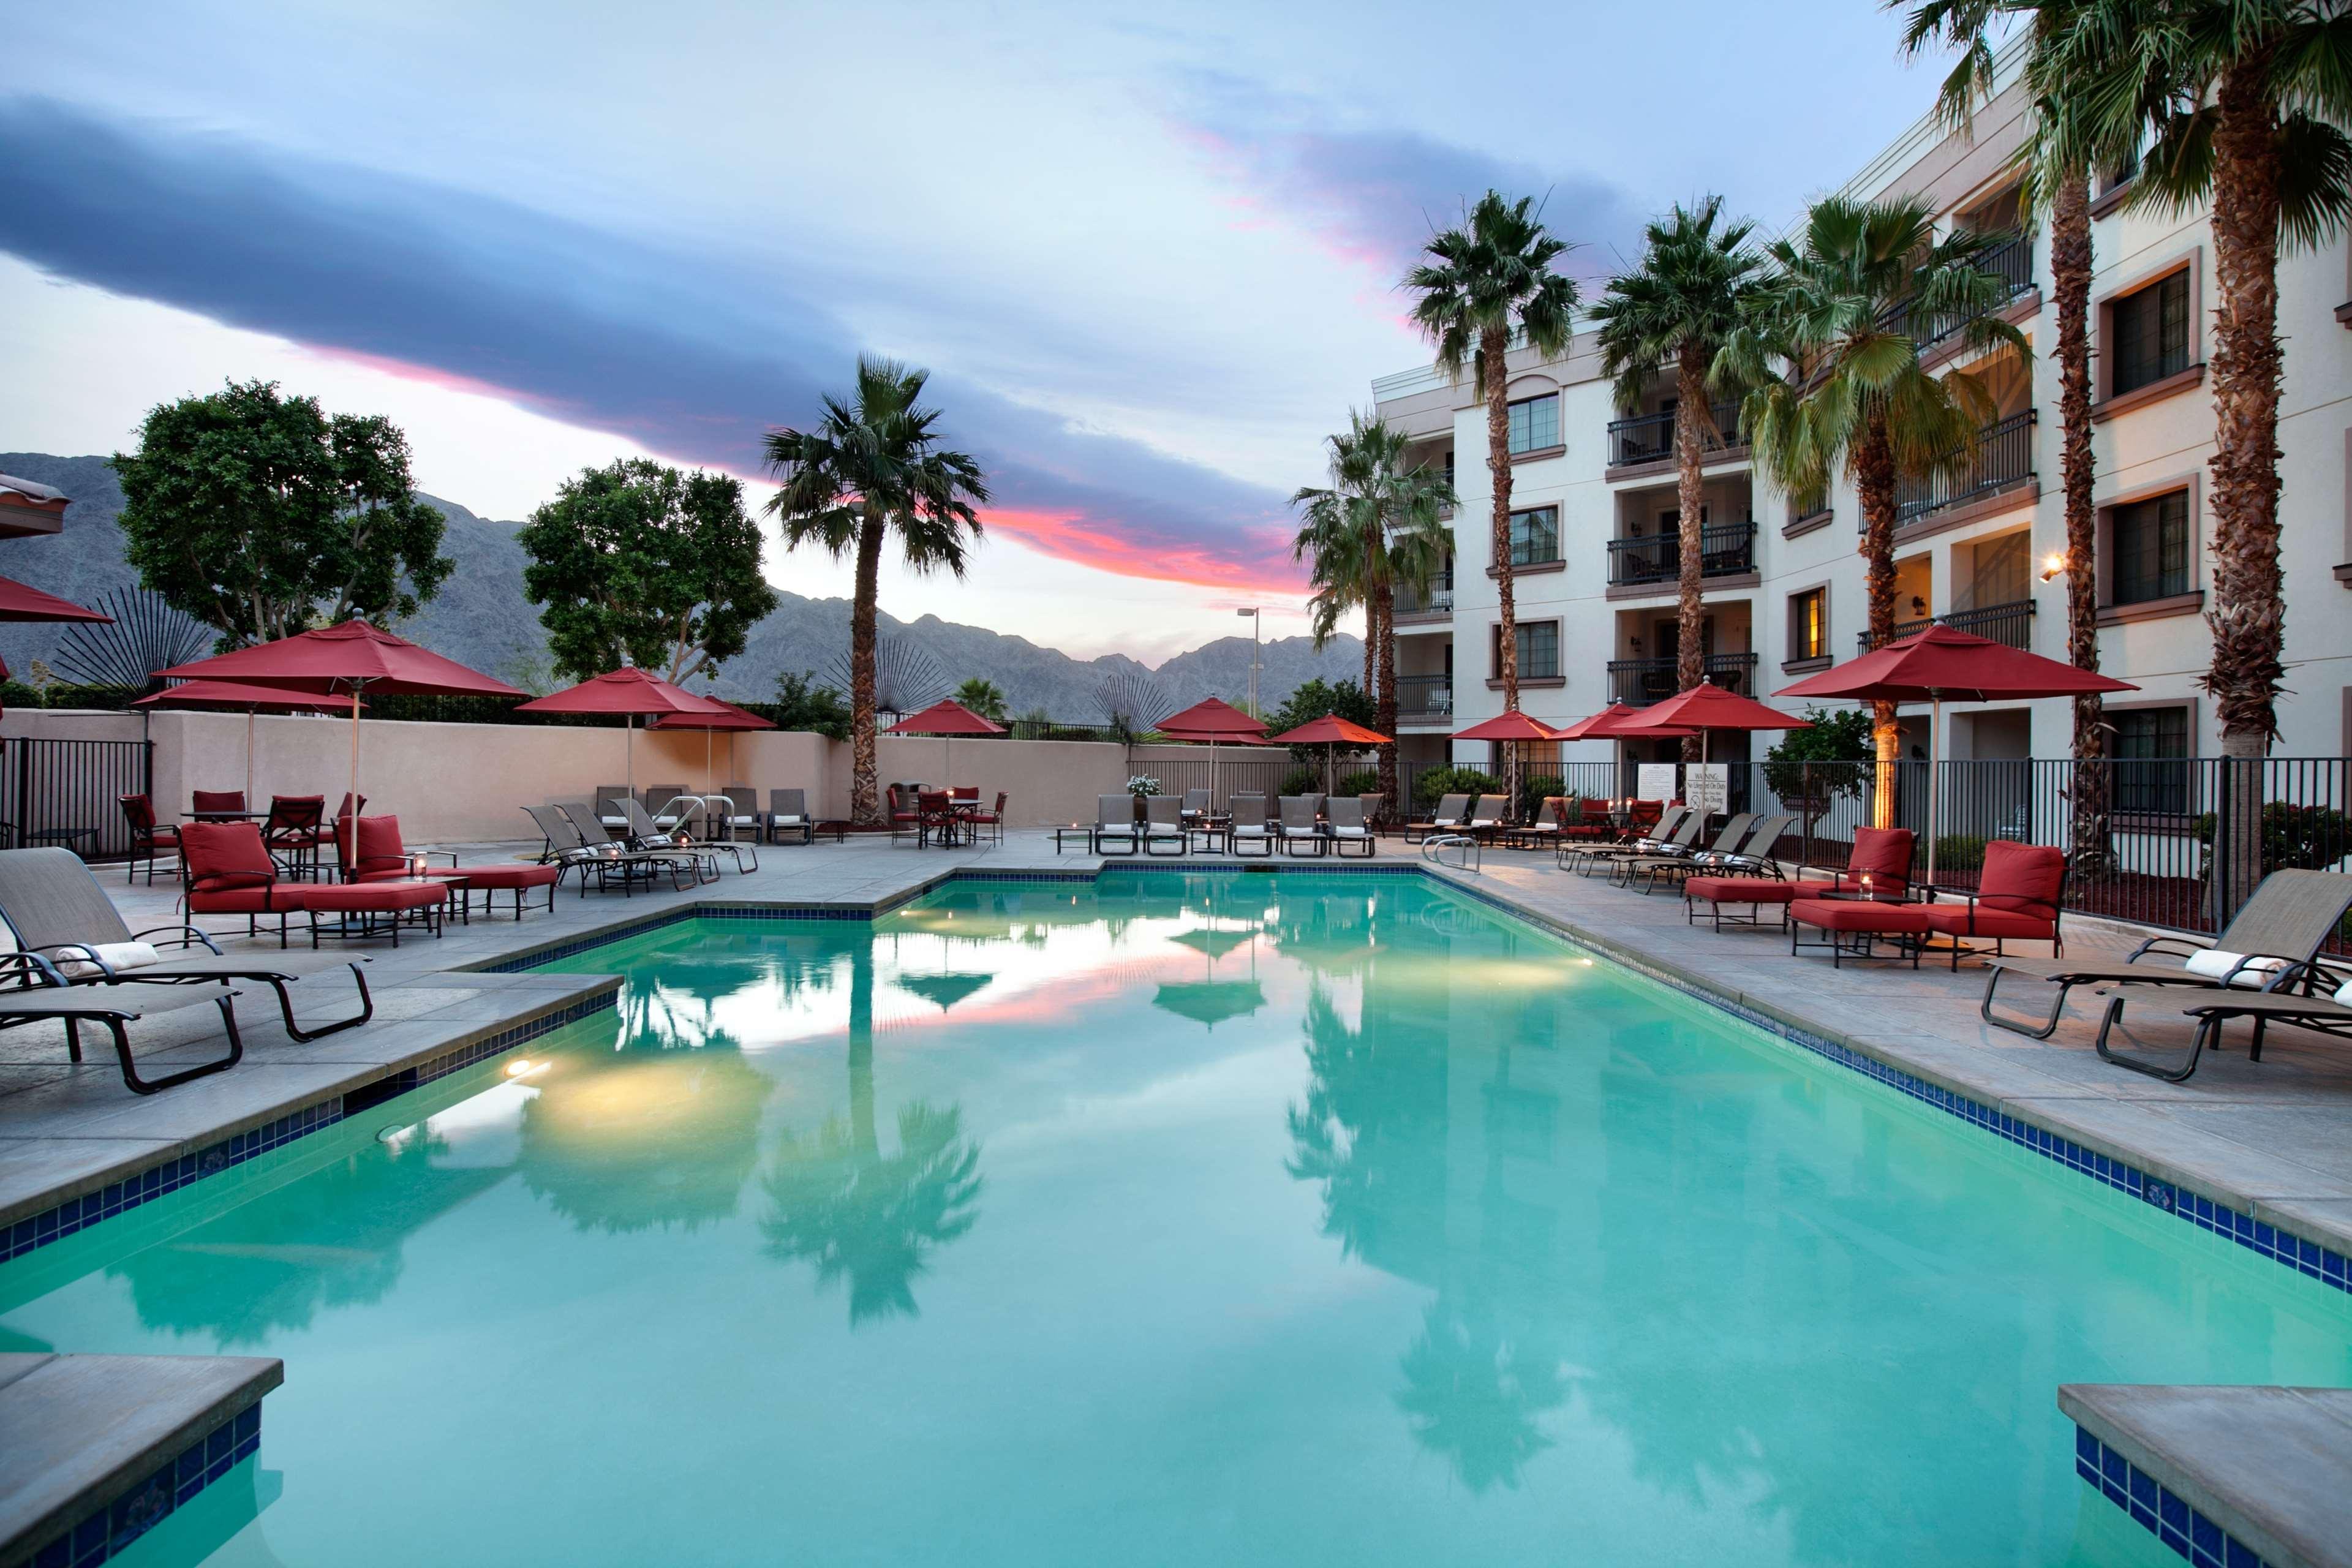 Embassy Suites by Hilton La Quinta Hotel & Spa image 11